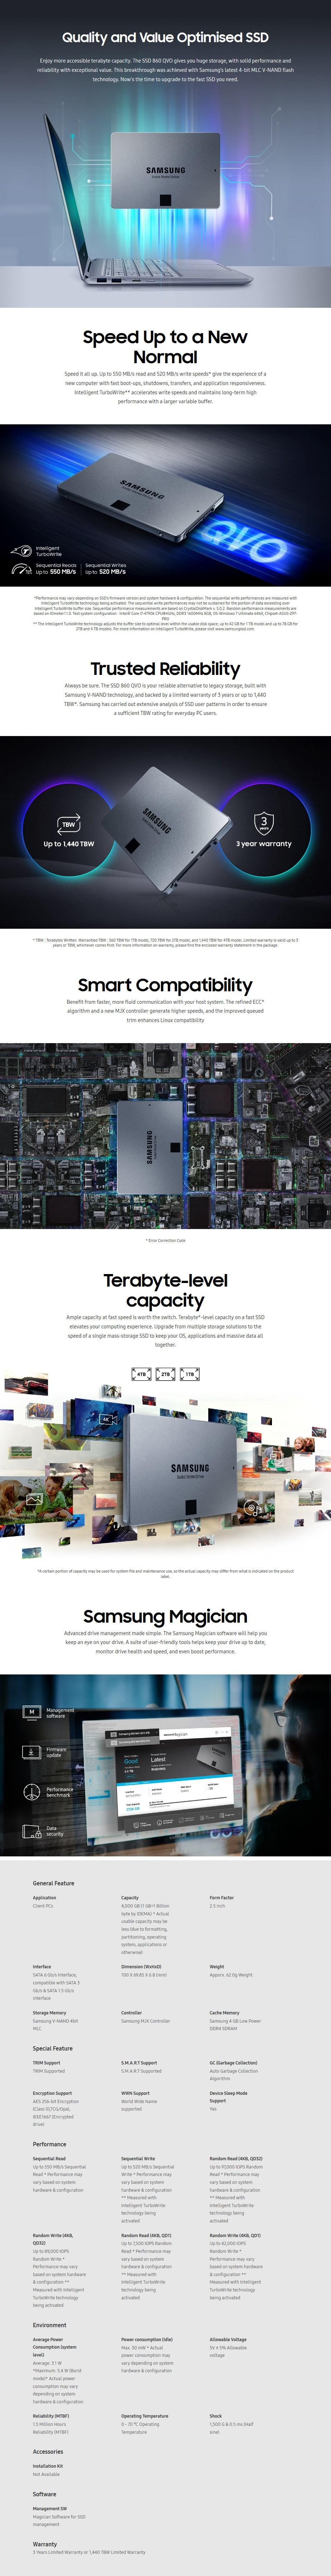 """Samsung 860 QVO 4TB 2.5"""" SATA III 6GB/s 4-Bit MLC V-NAND SSD MZ-76Q4T0BW - Desktop Overview 1"""